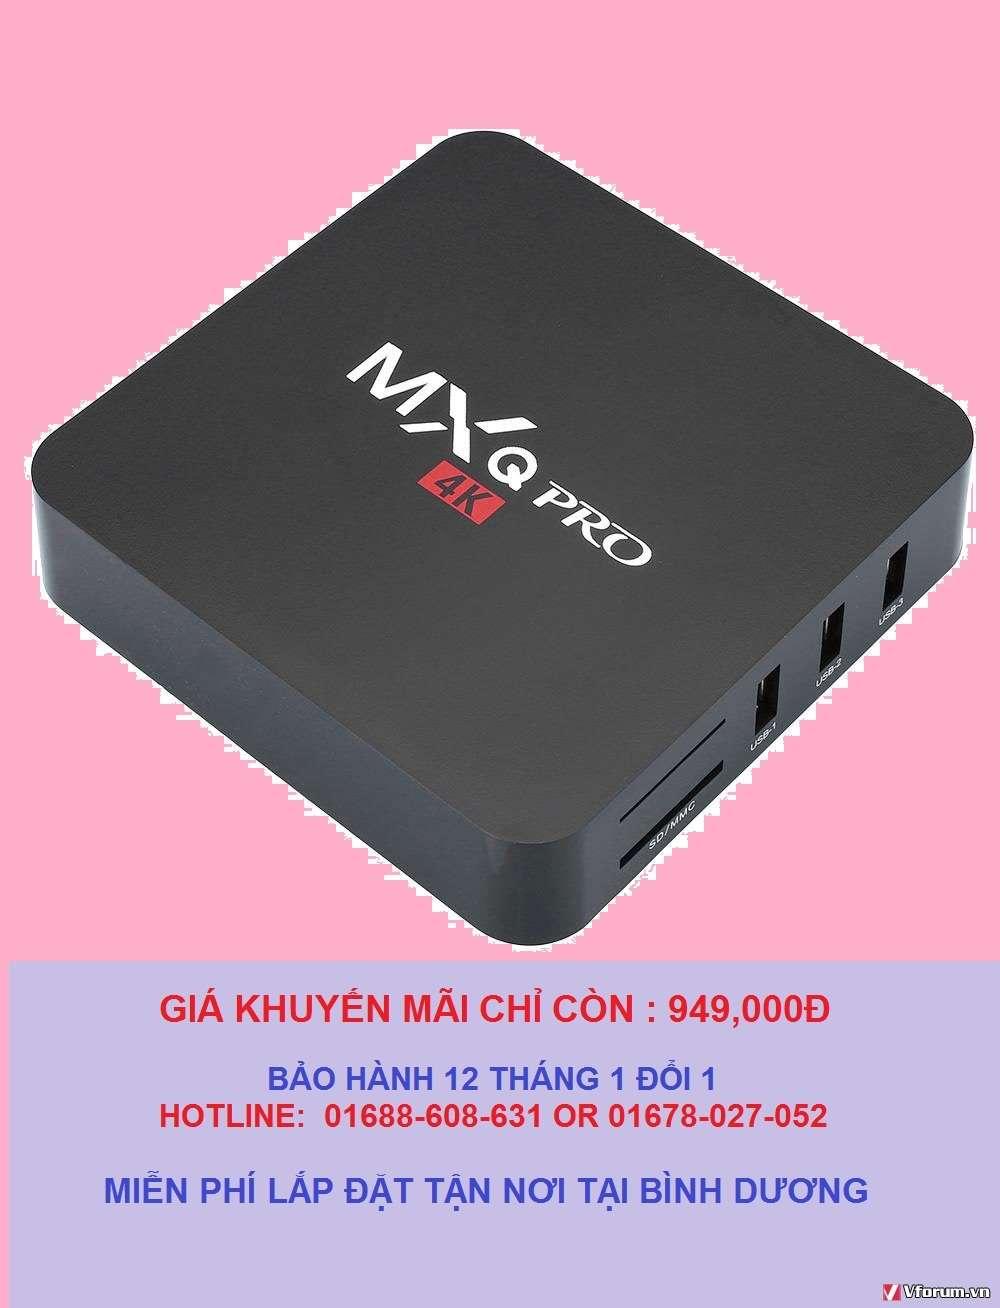 Khuyến mãi khi mua ti vi box tặng ngay USB 8GB - 164732